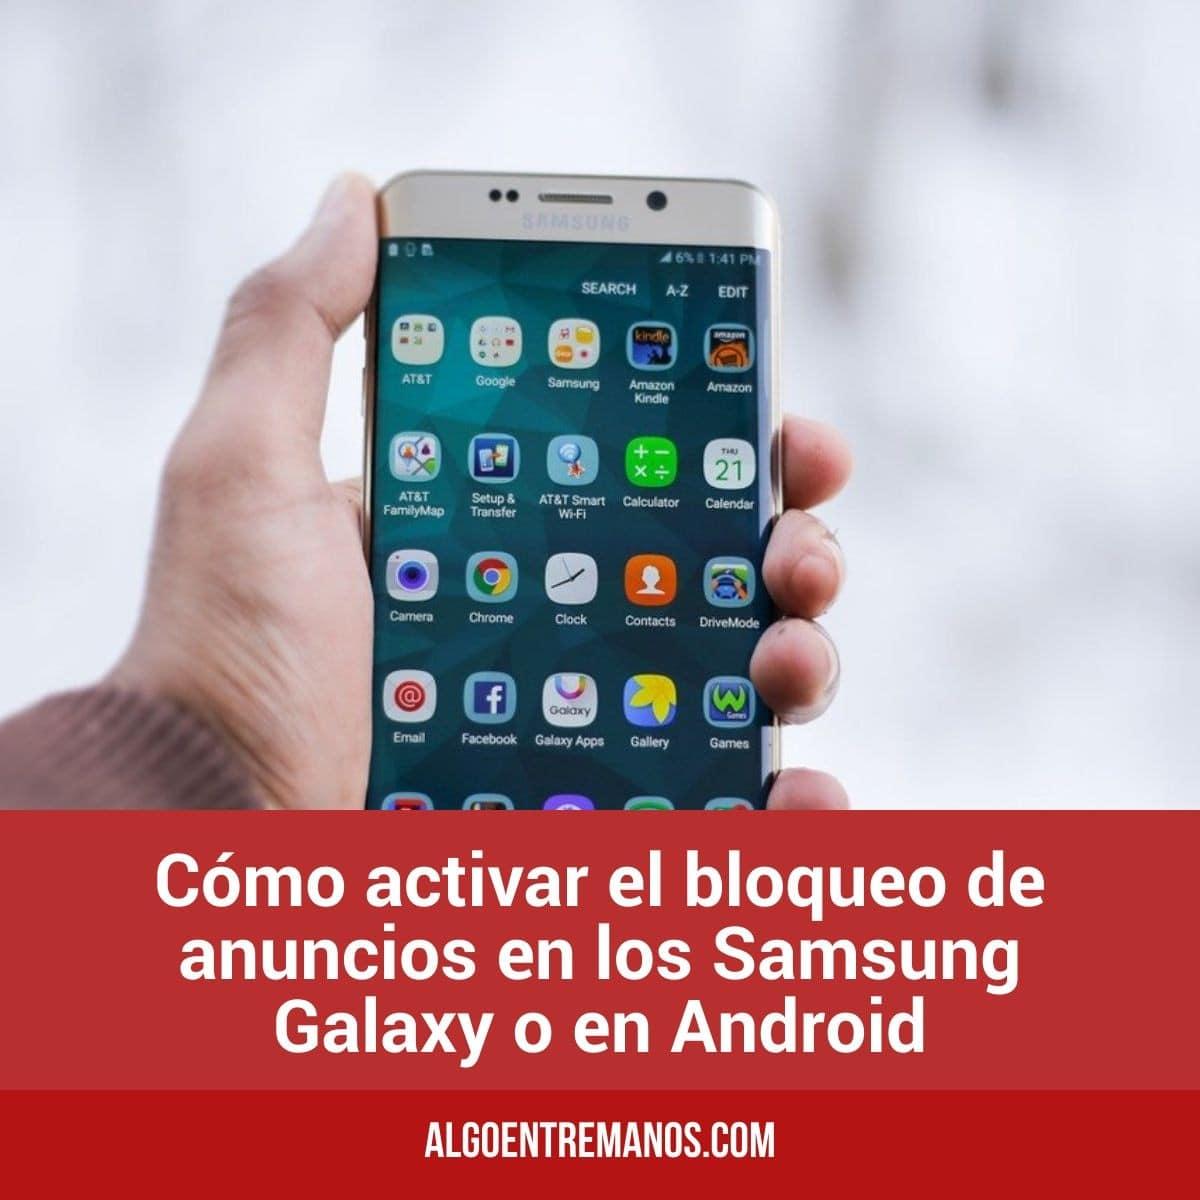 Cómo activar el bloqueo de anuncios en los Samsung Galaxy S7, S8, S9, S10 o en Android